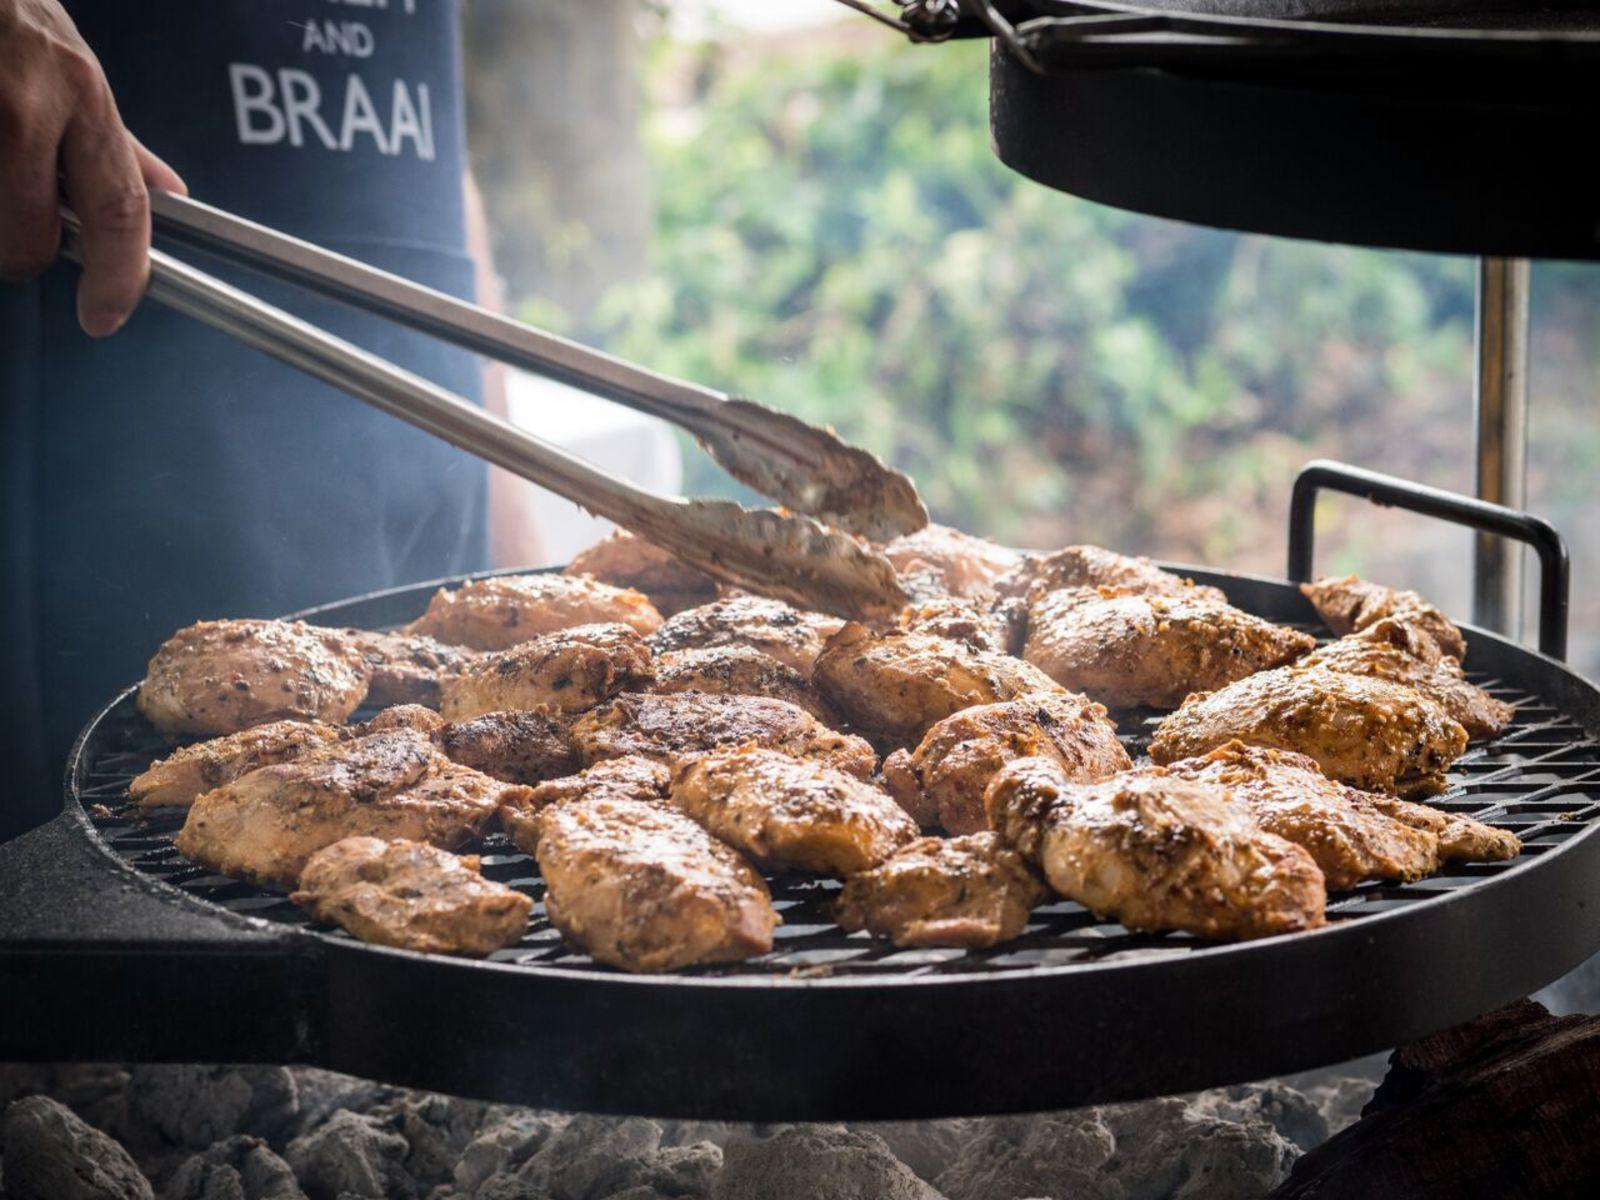 Yebo Beach Haus Braai with Kudu Grills